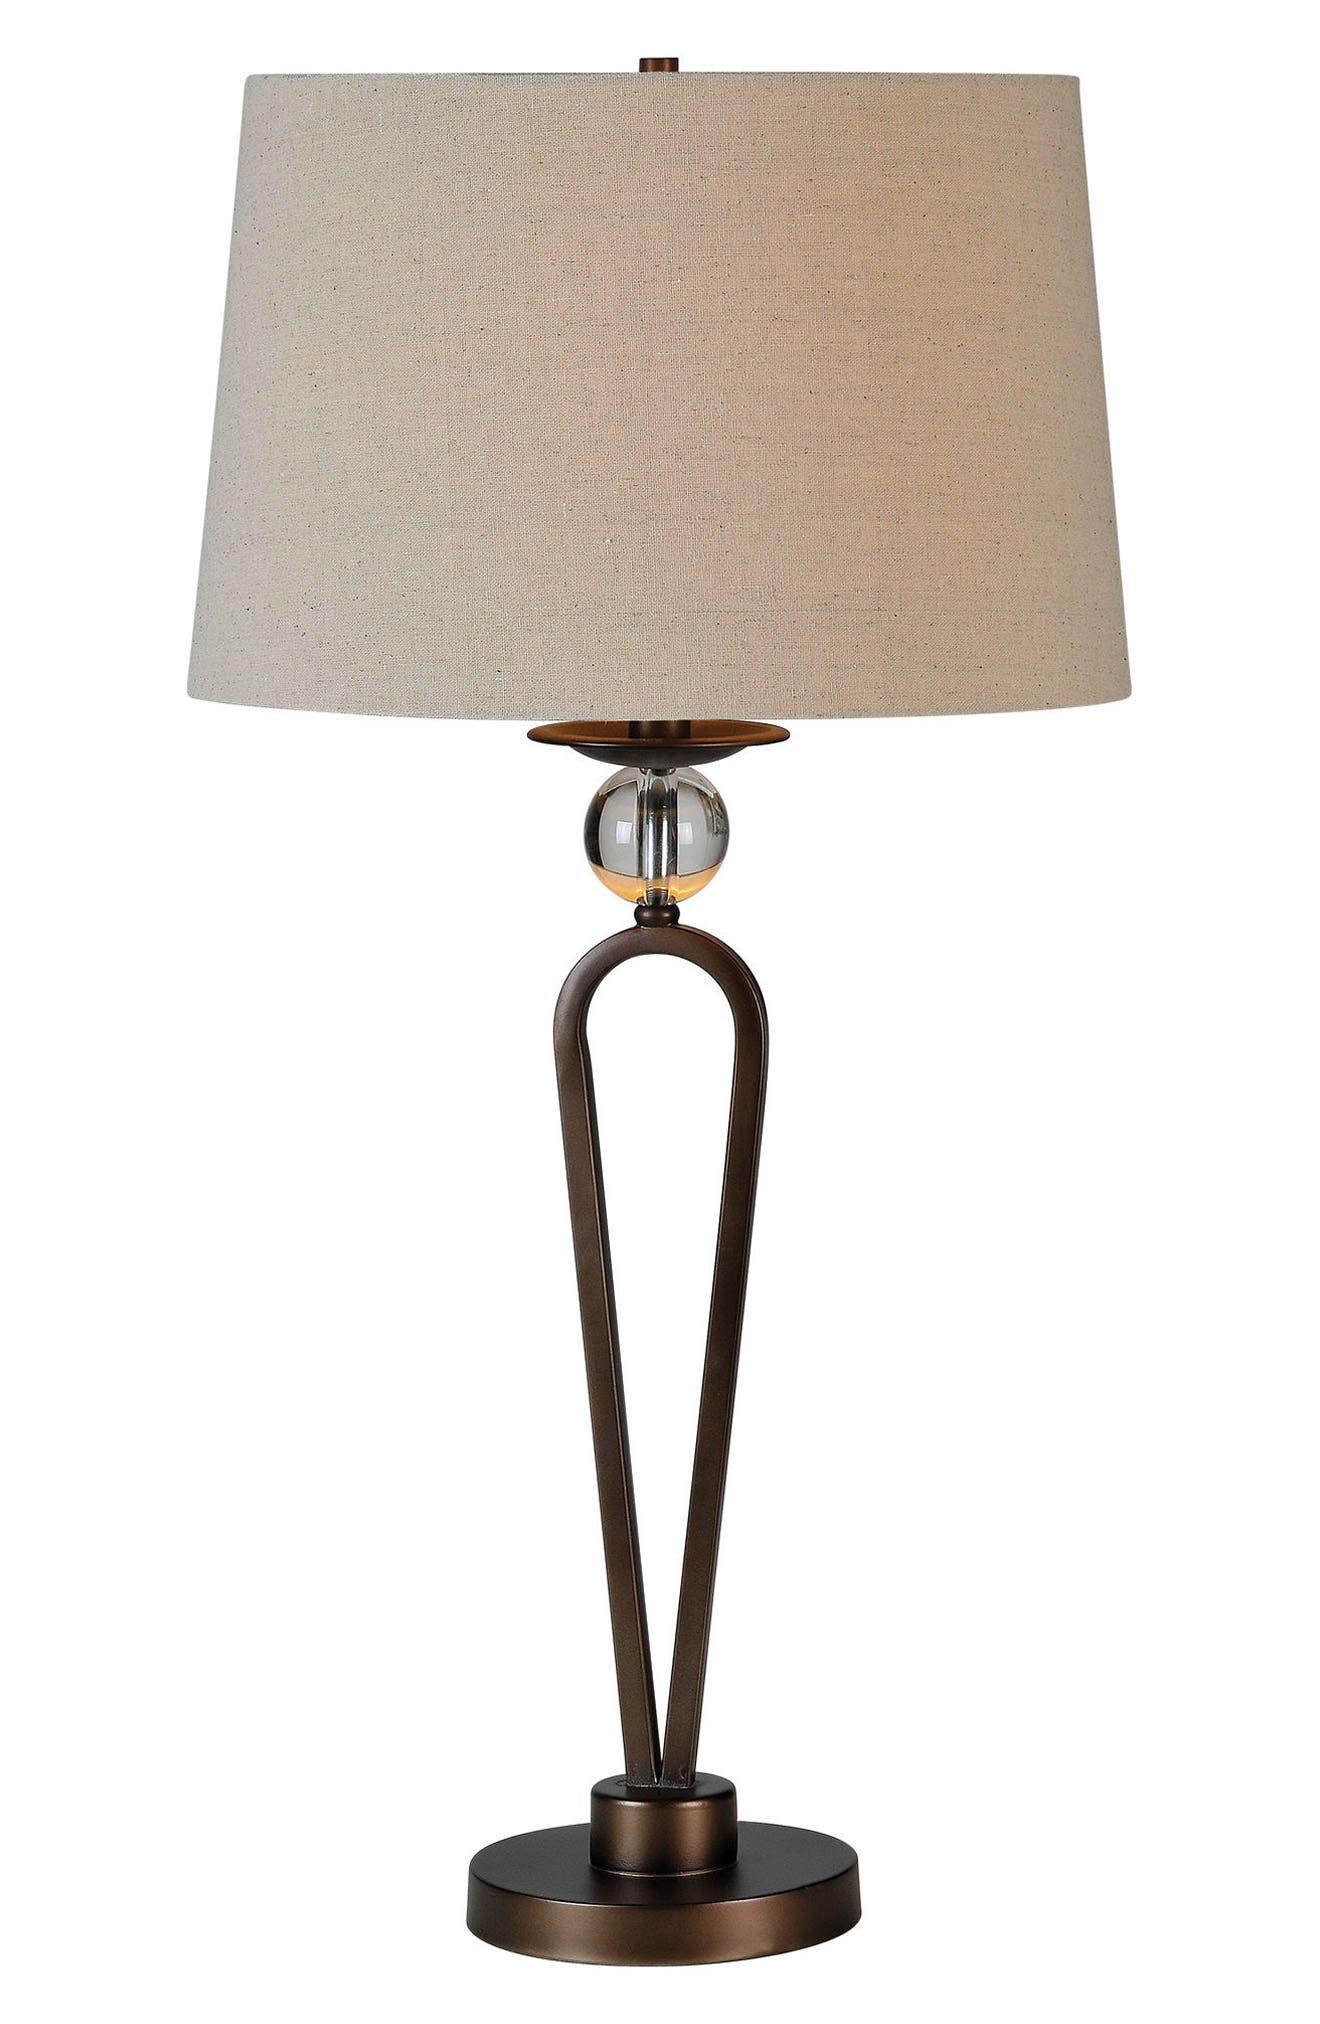 Pembroke Table Lamp,                         Main,                         color, Bronze